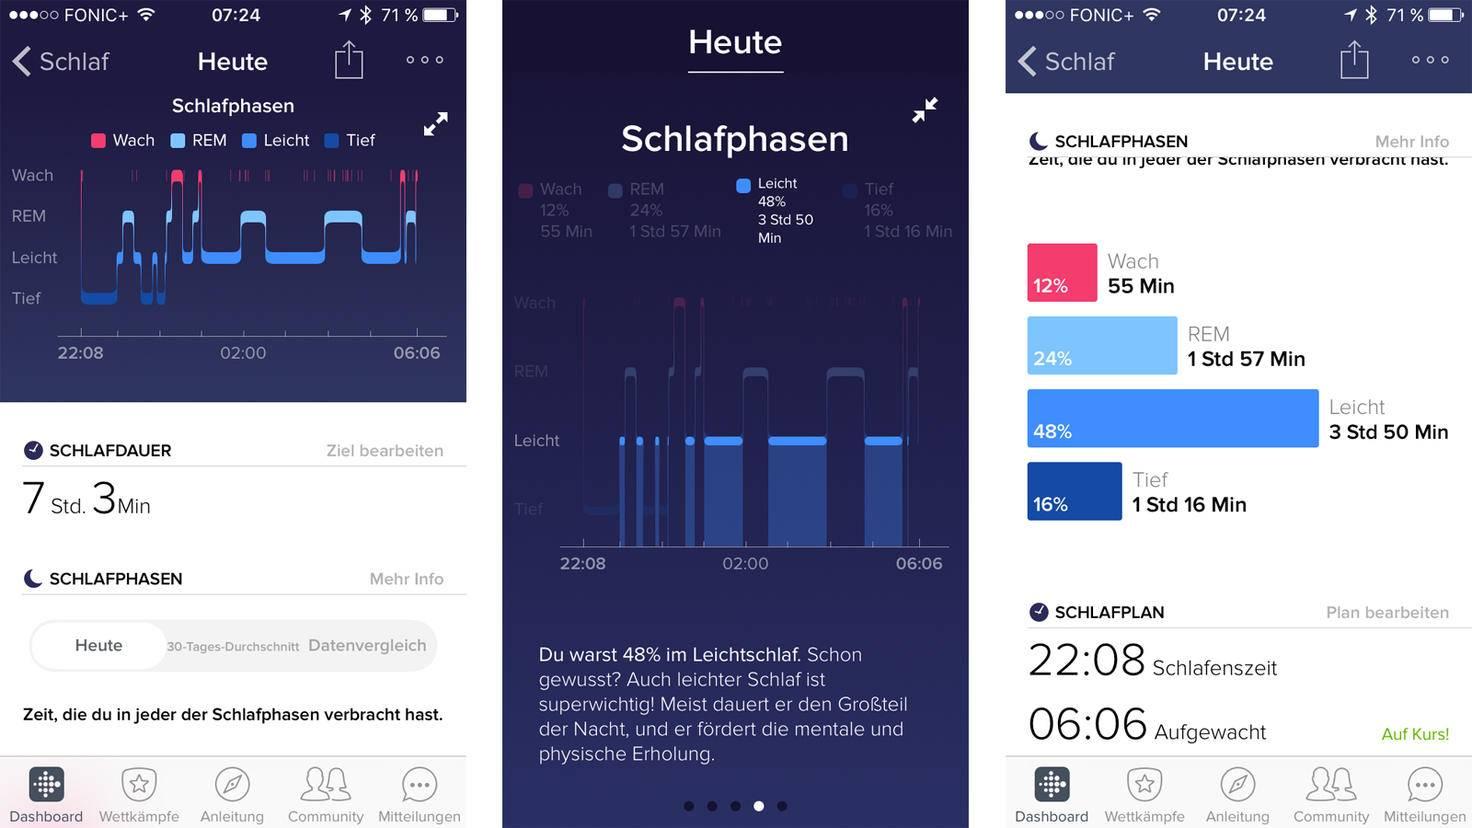 Die Schlafphasenaufzeichnung funktioniert sehr akkurat – und in der App werden Dir alle Daten erklärt.